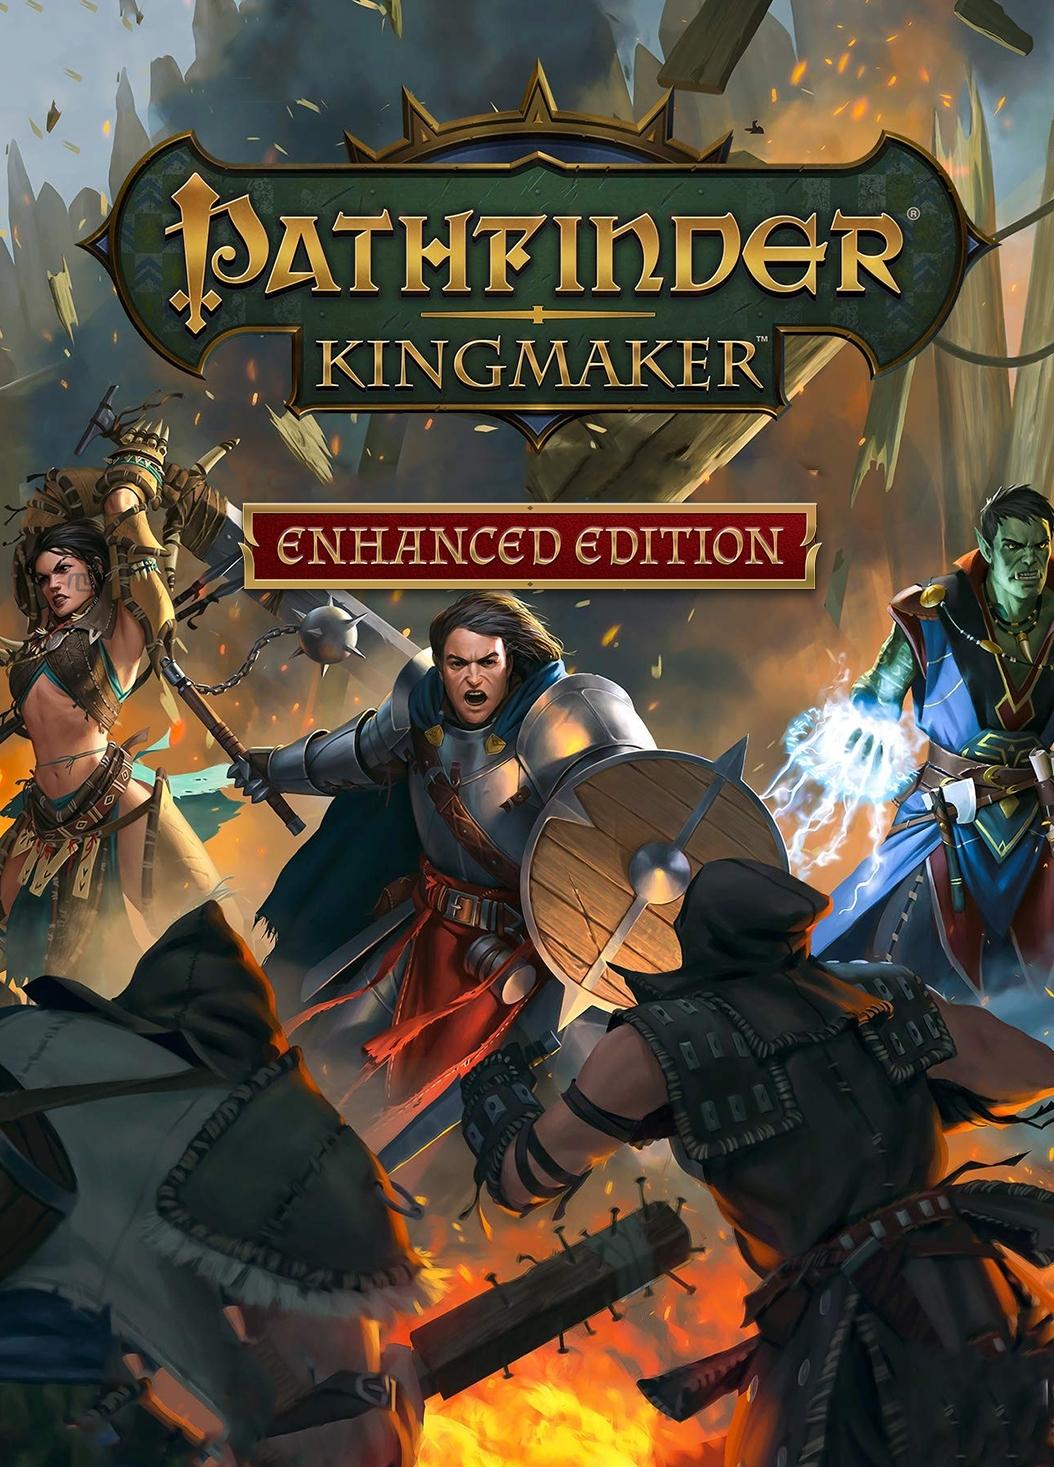 Download Pathfinder Kingmaker Imperial Edition V2.1.7d-GOG in PC [ Torrent ]